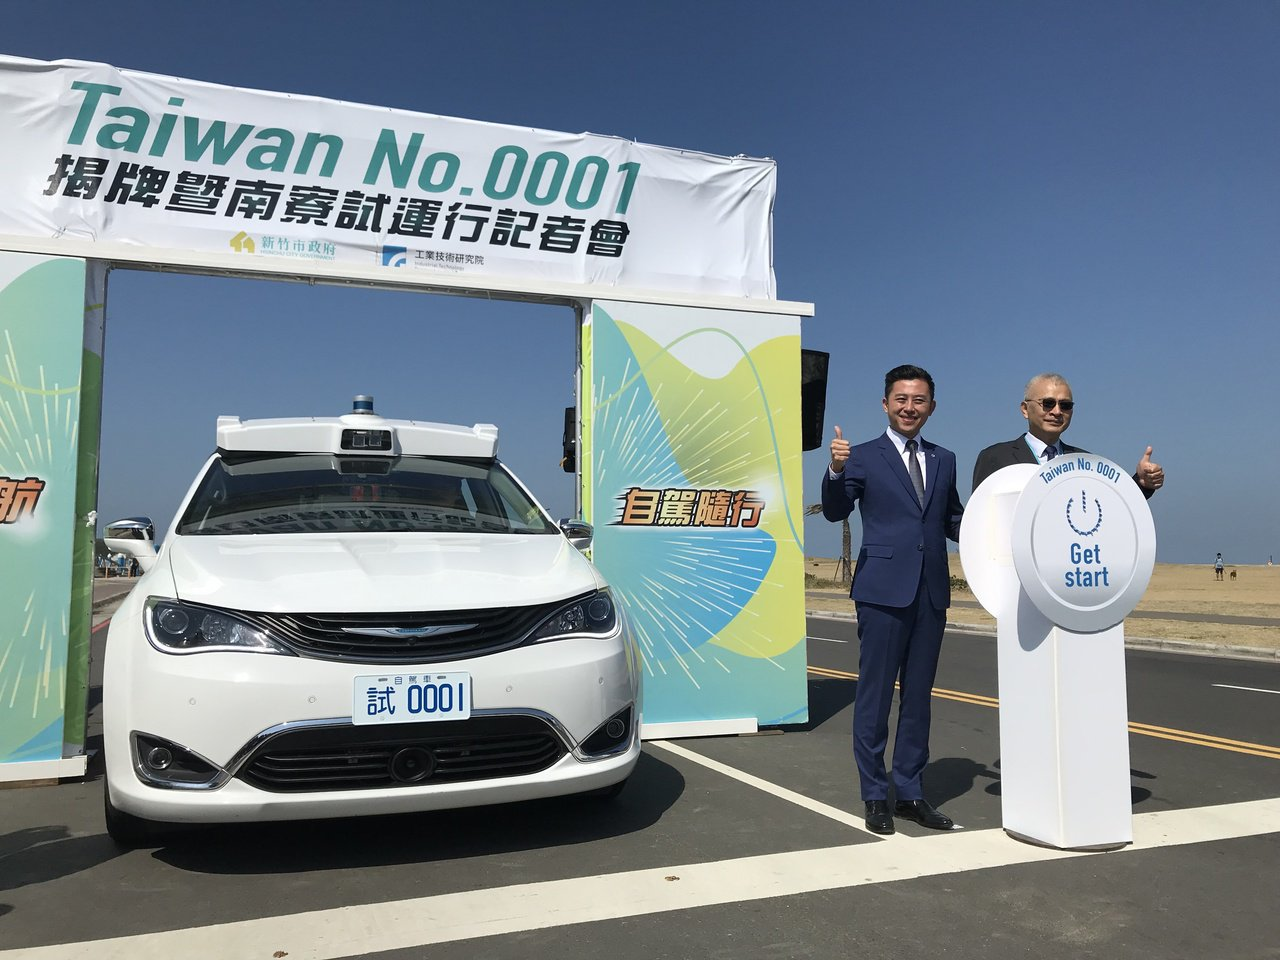 工研院與新竹市政府合作,共同推動「Taiwan No. 0001」自駕車正式於新...